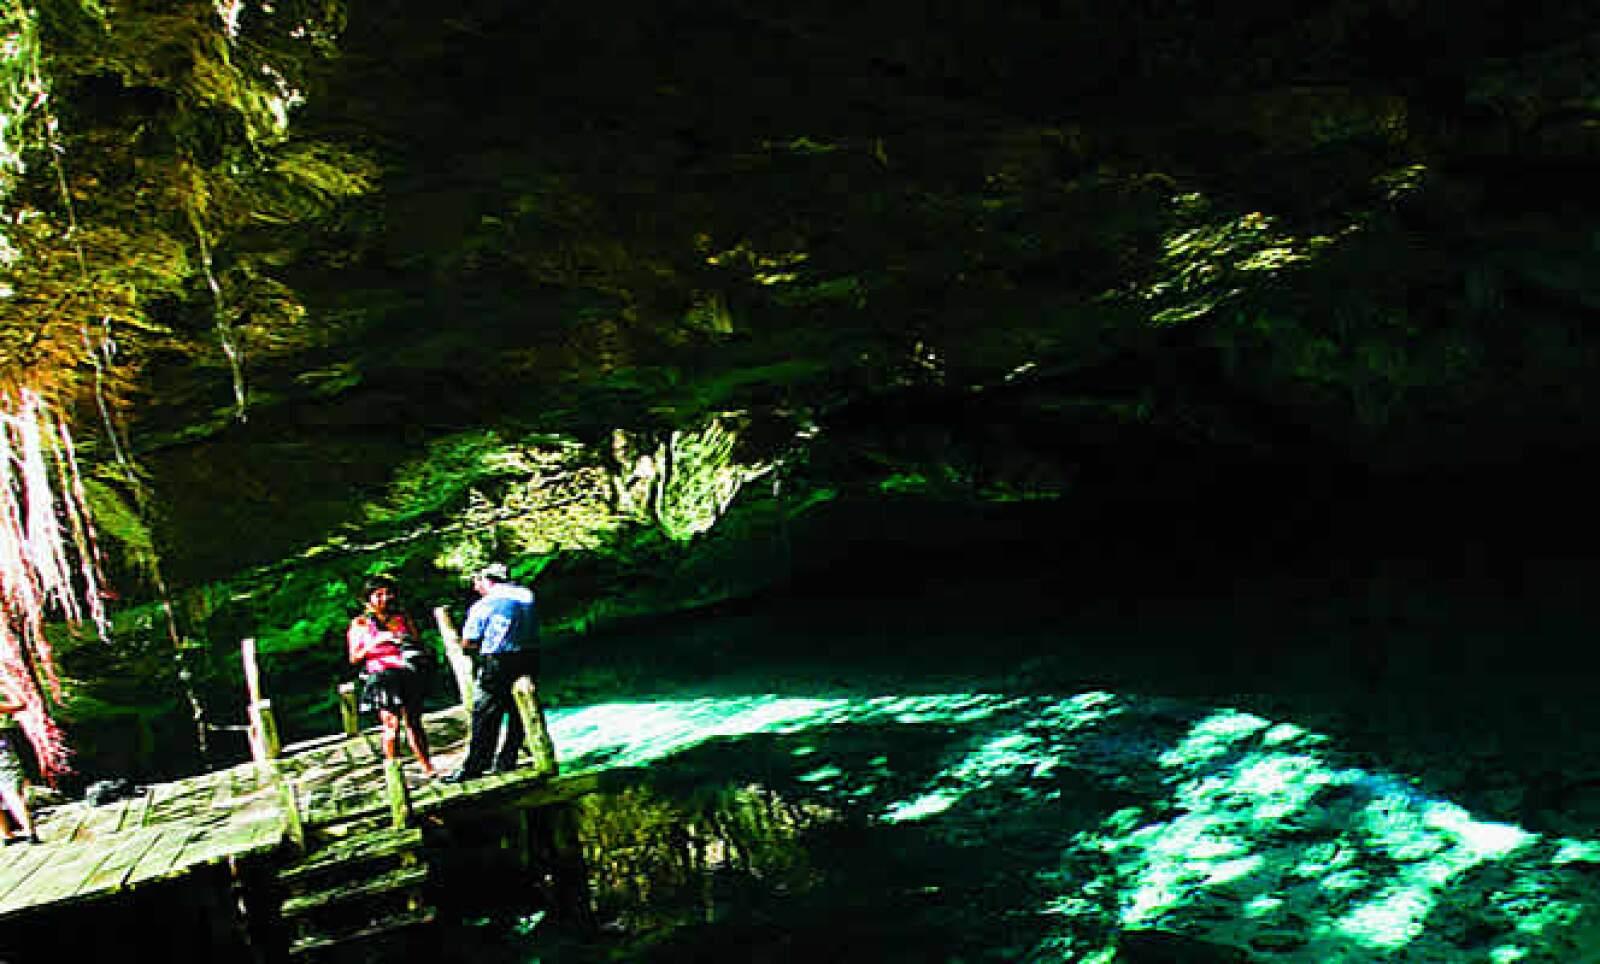 Actualmente, en la península de Yucatán, hay alrededor de 3,000 cenotes, de los cuales sólo la mitad han sido registrados; el resto permanece inexplorado.